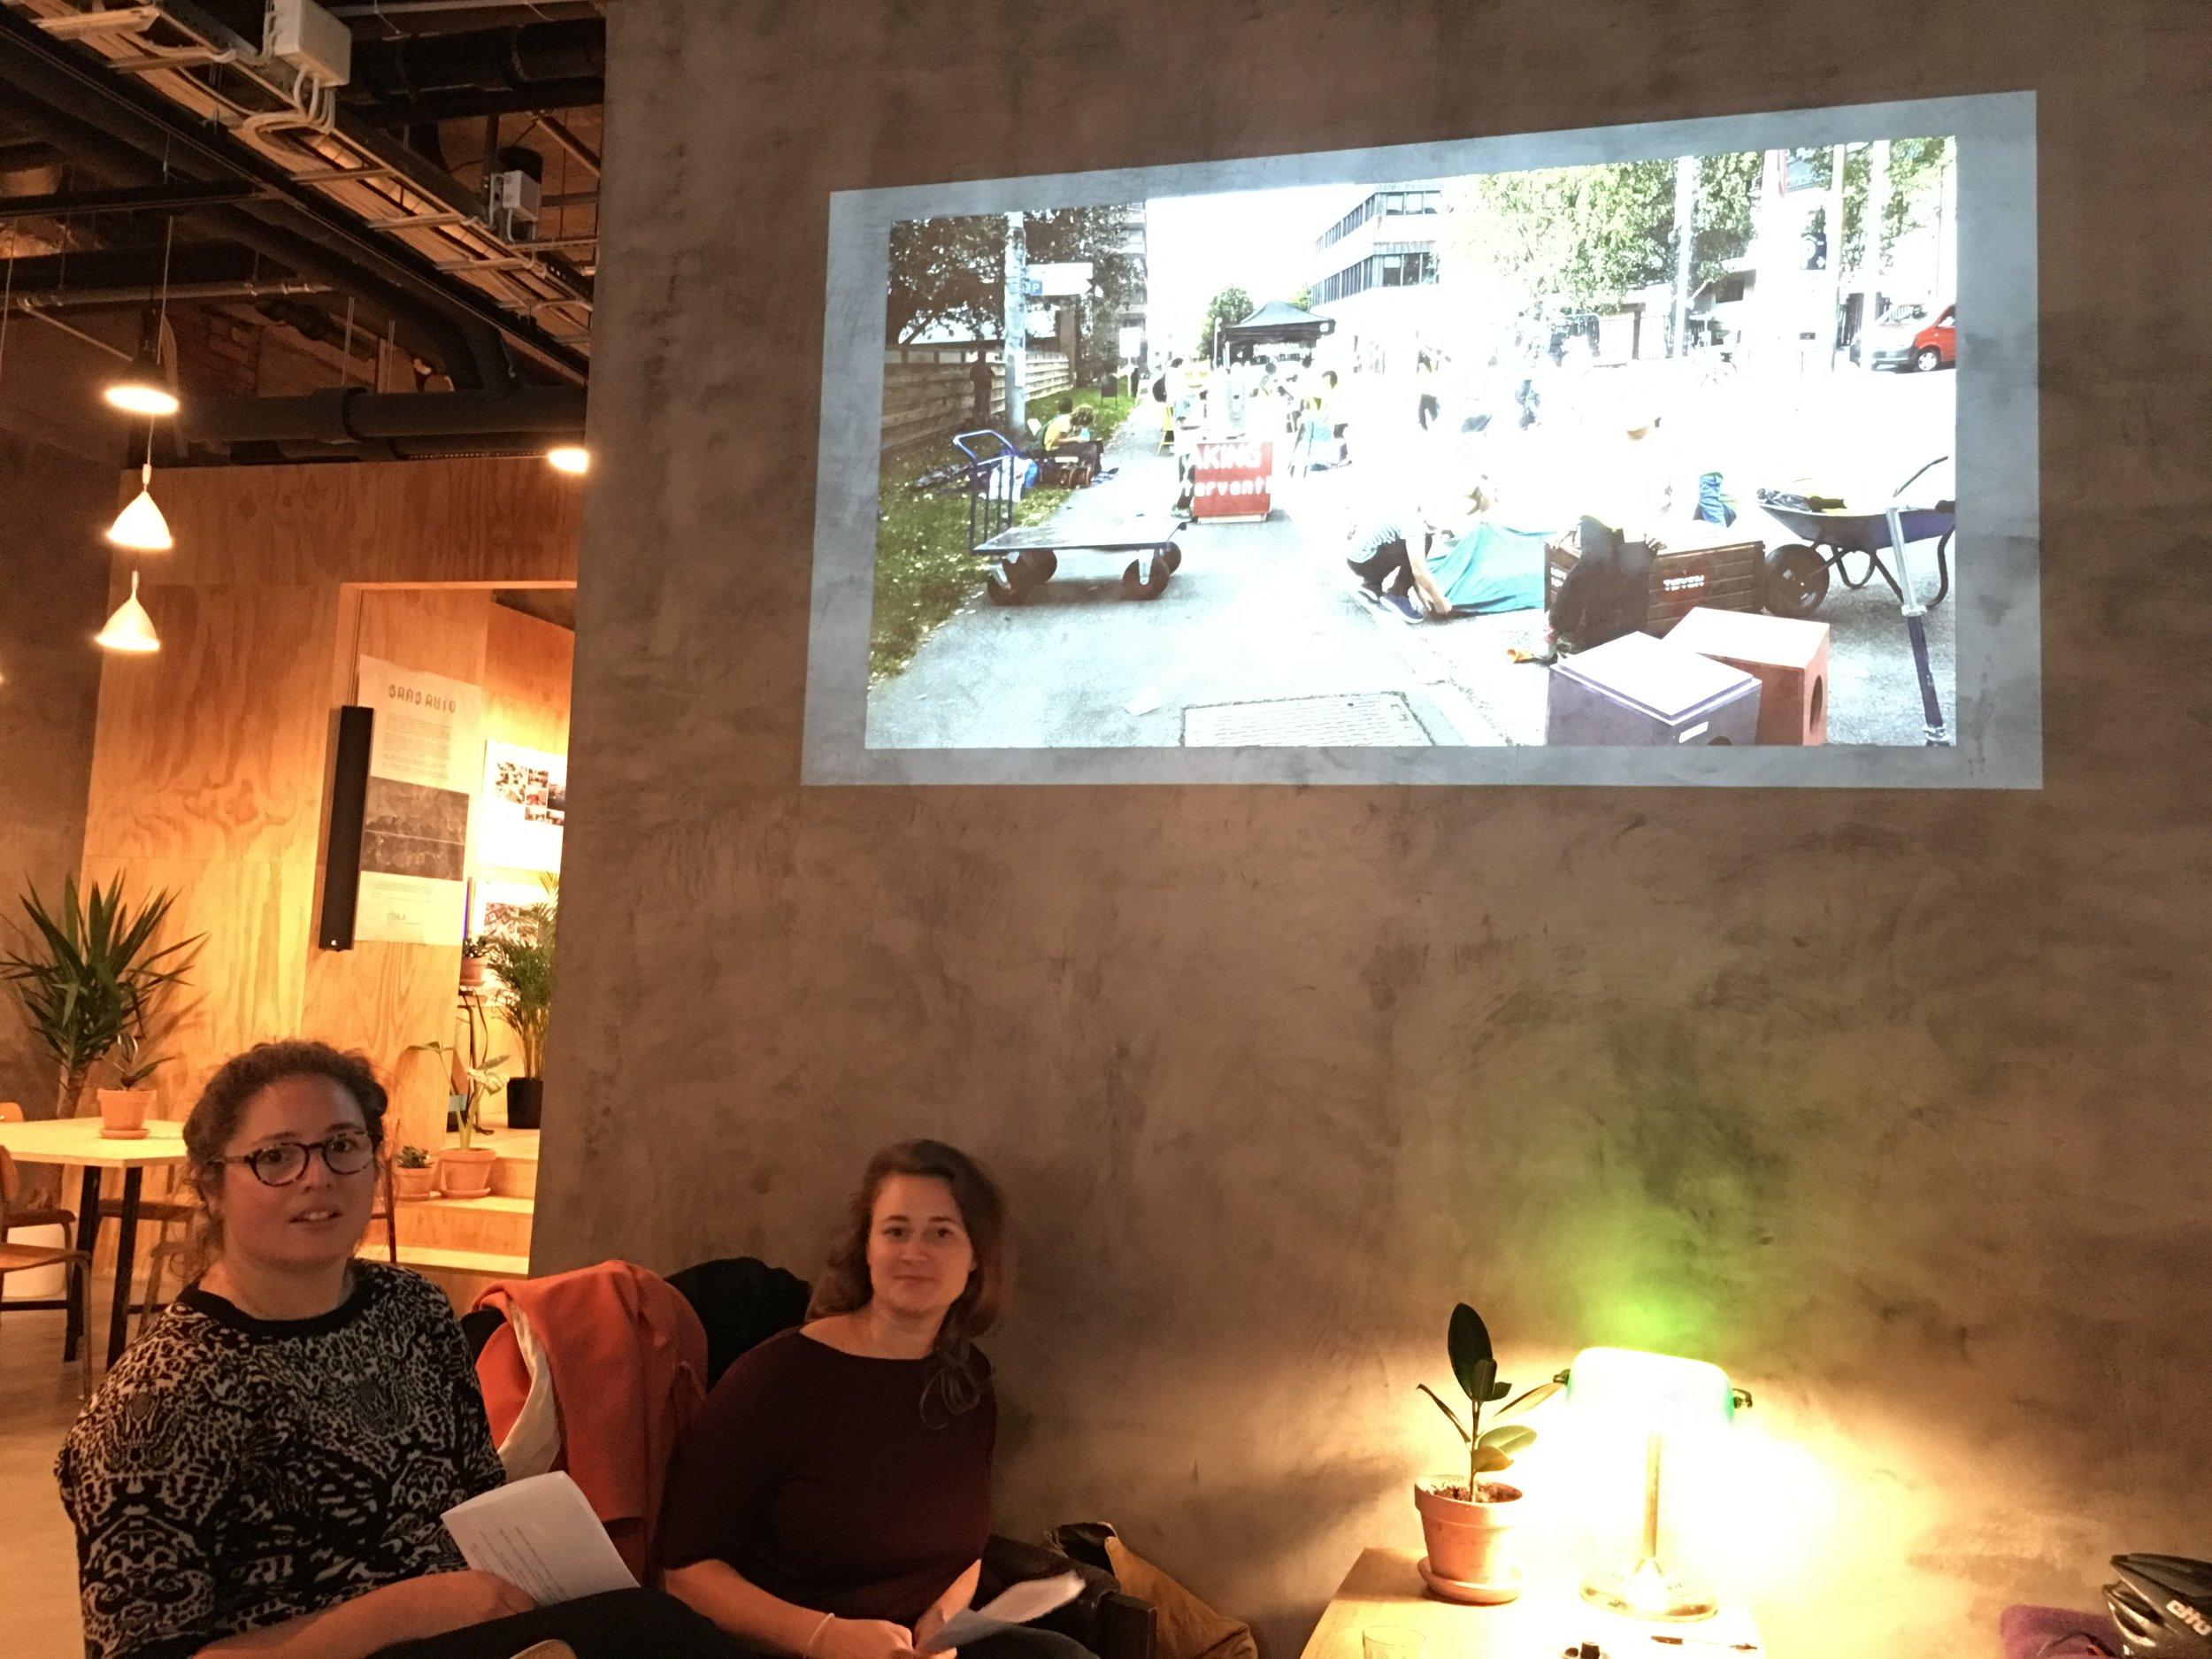 Tøyen Tegnelaboratorium holdt innlegg om diplomprosjektet fra Tøyen med fokus på løsningene for bilfritt byliv. Foto: Ewald